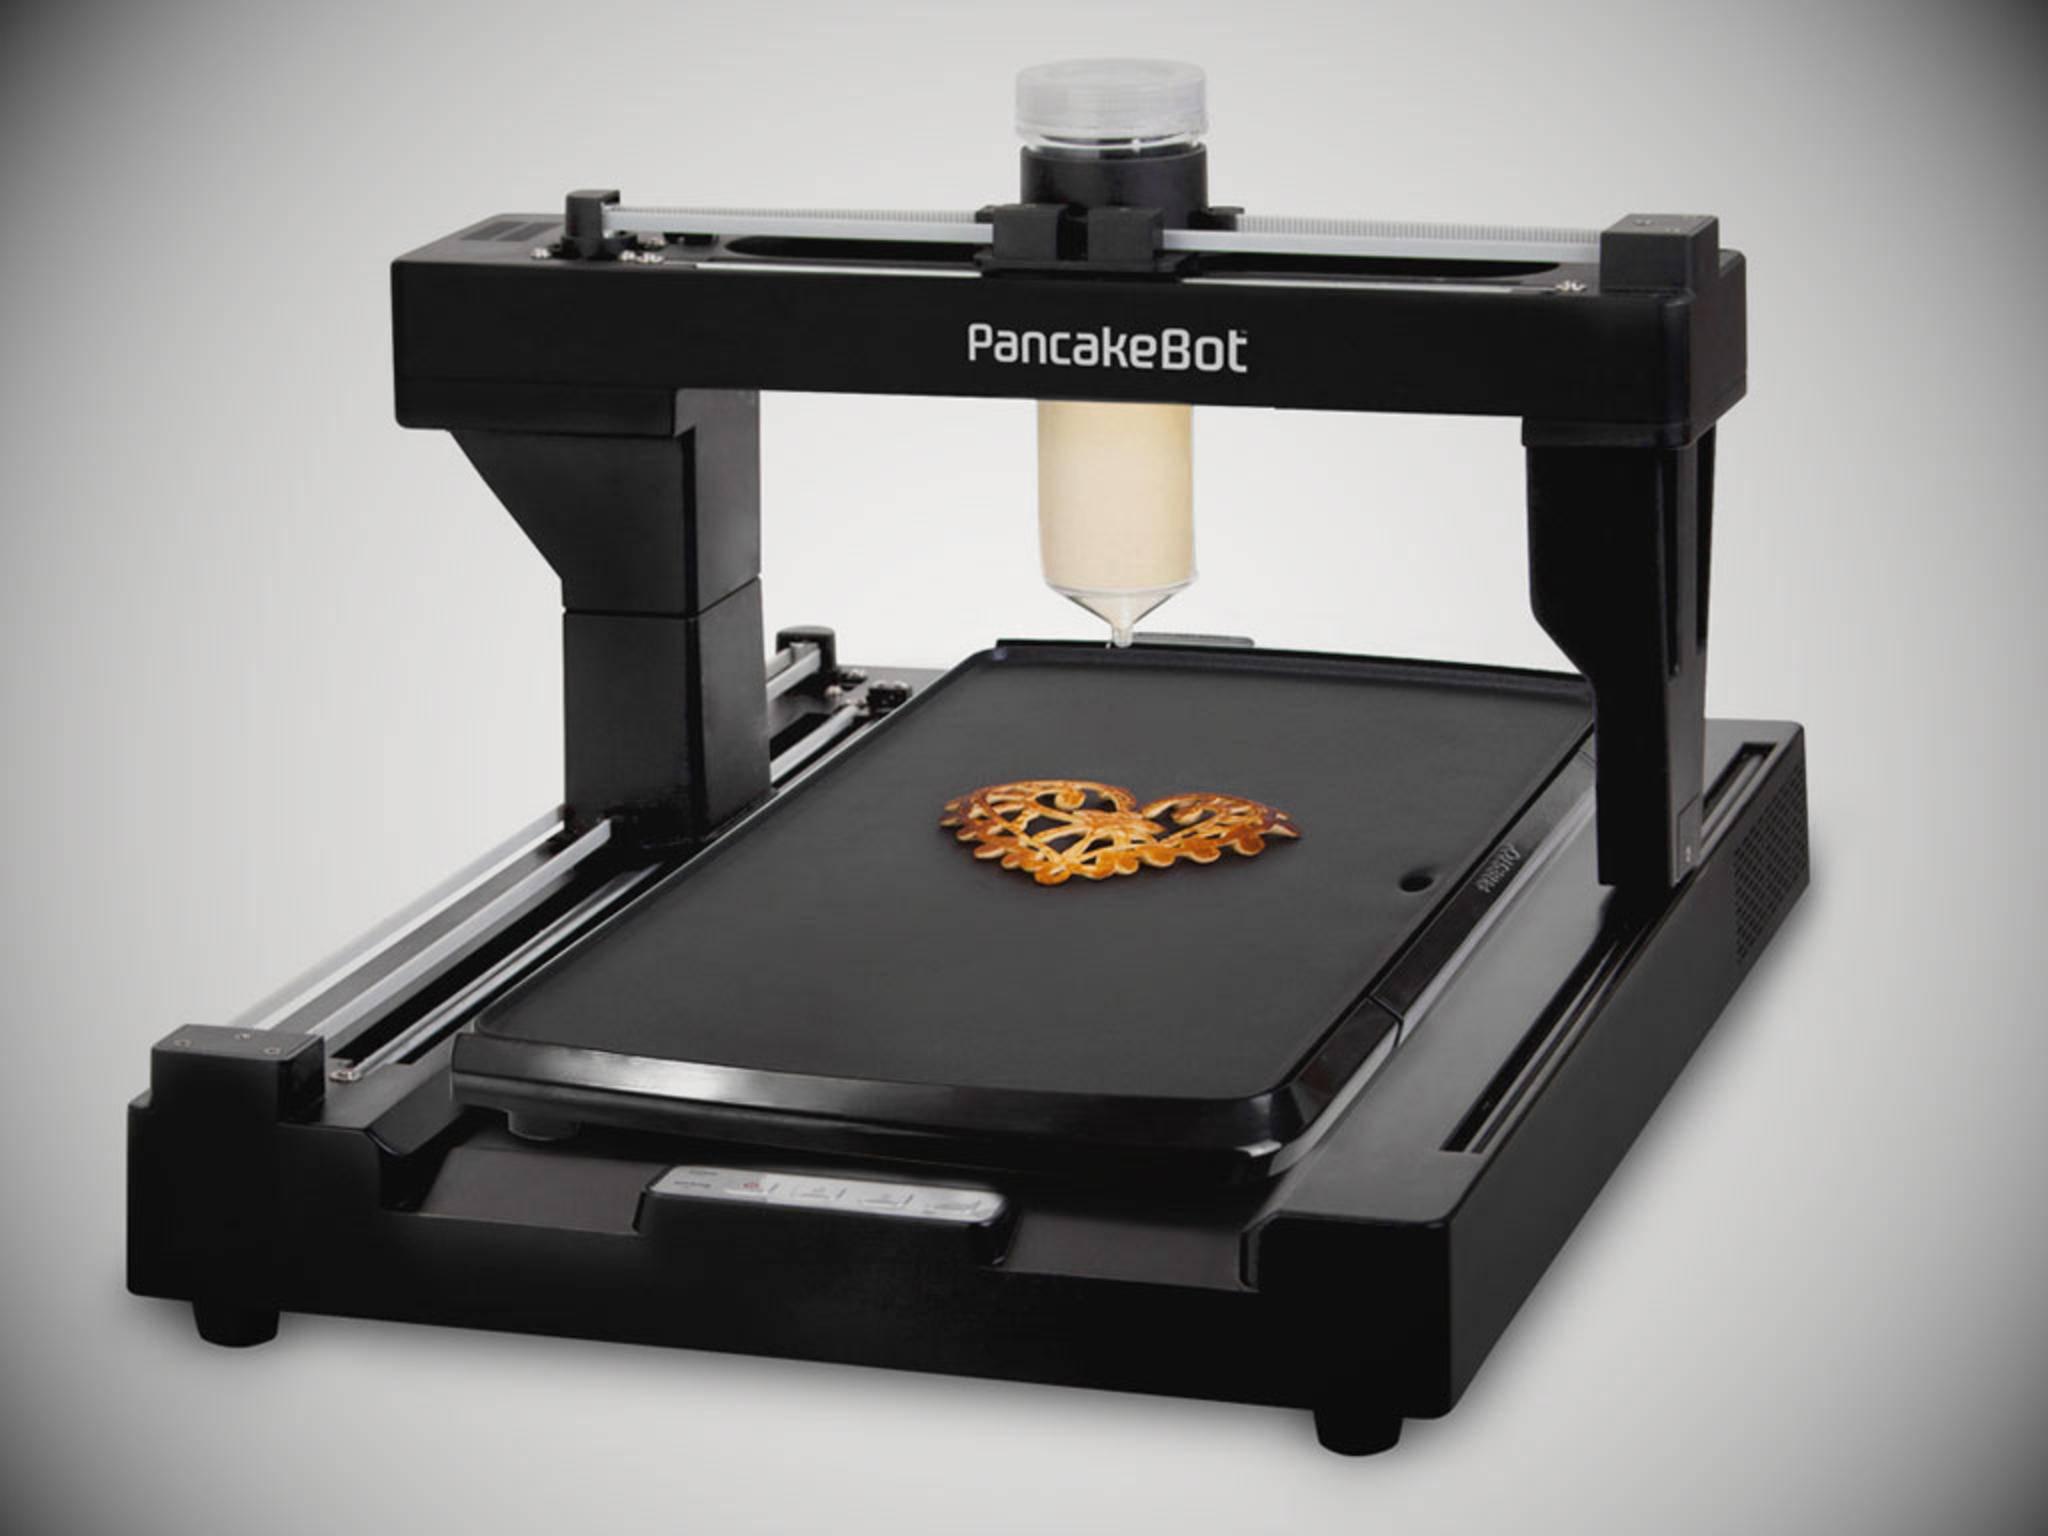 Herzen, Tiere, Gesichter: Der PancakeBot druckt perfekte essbare Kunstwerke.